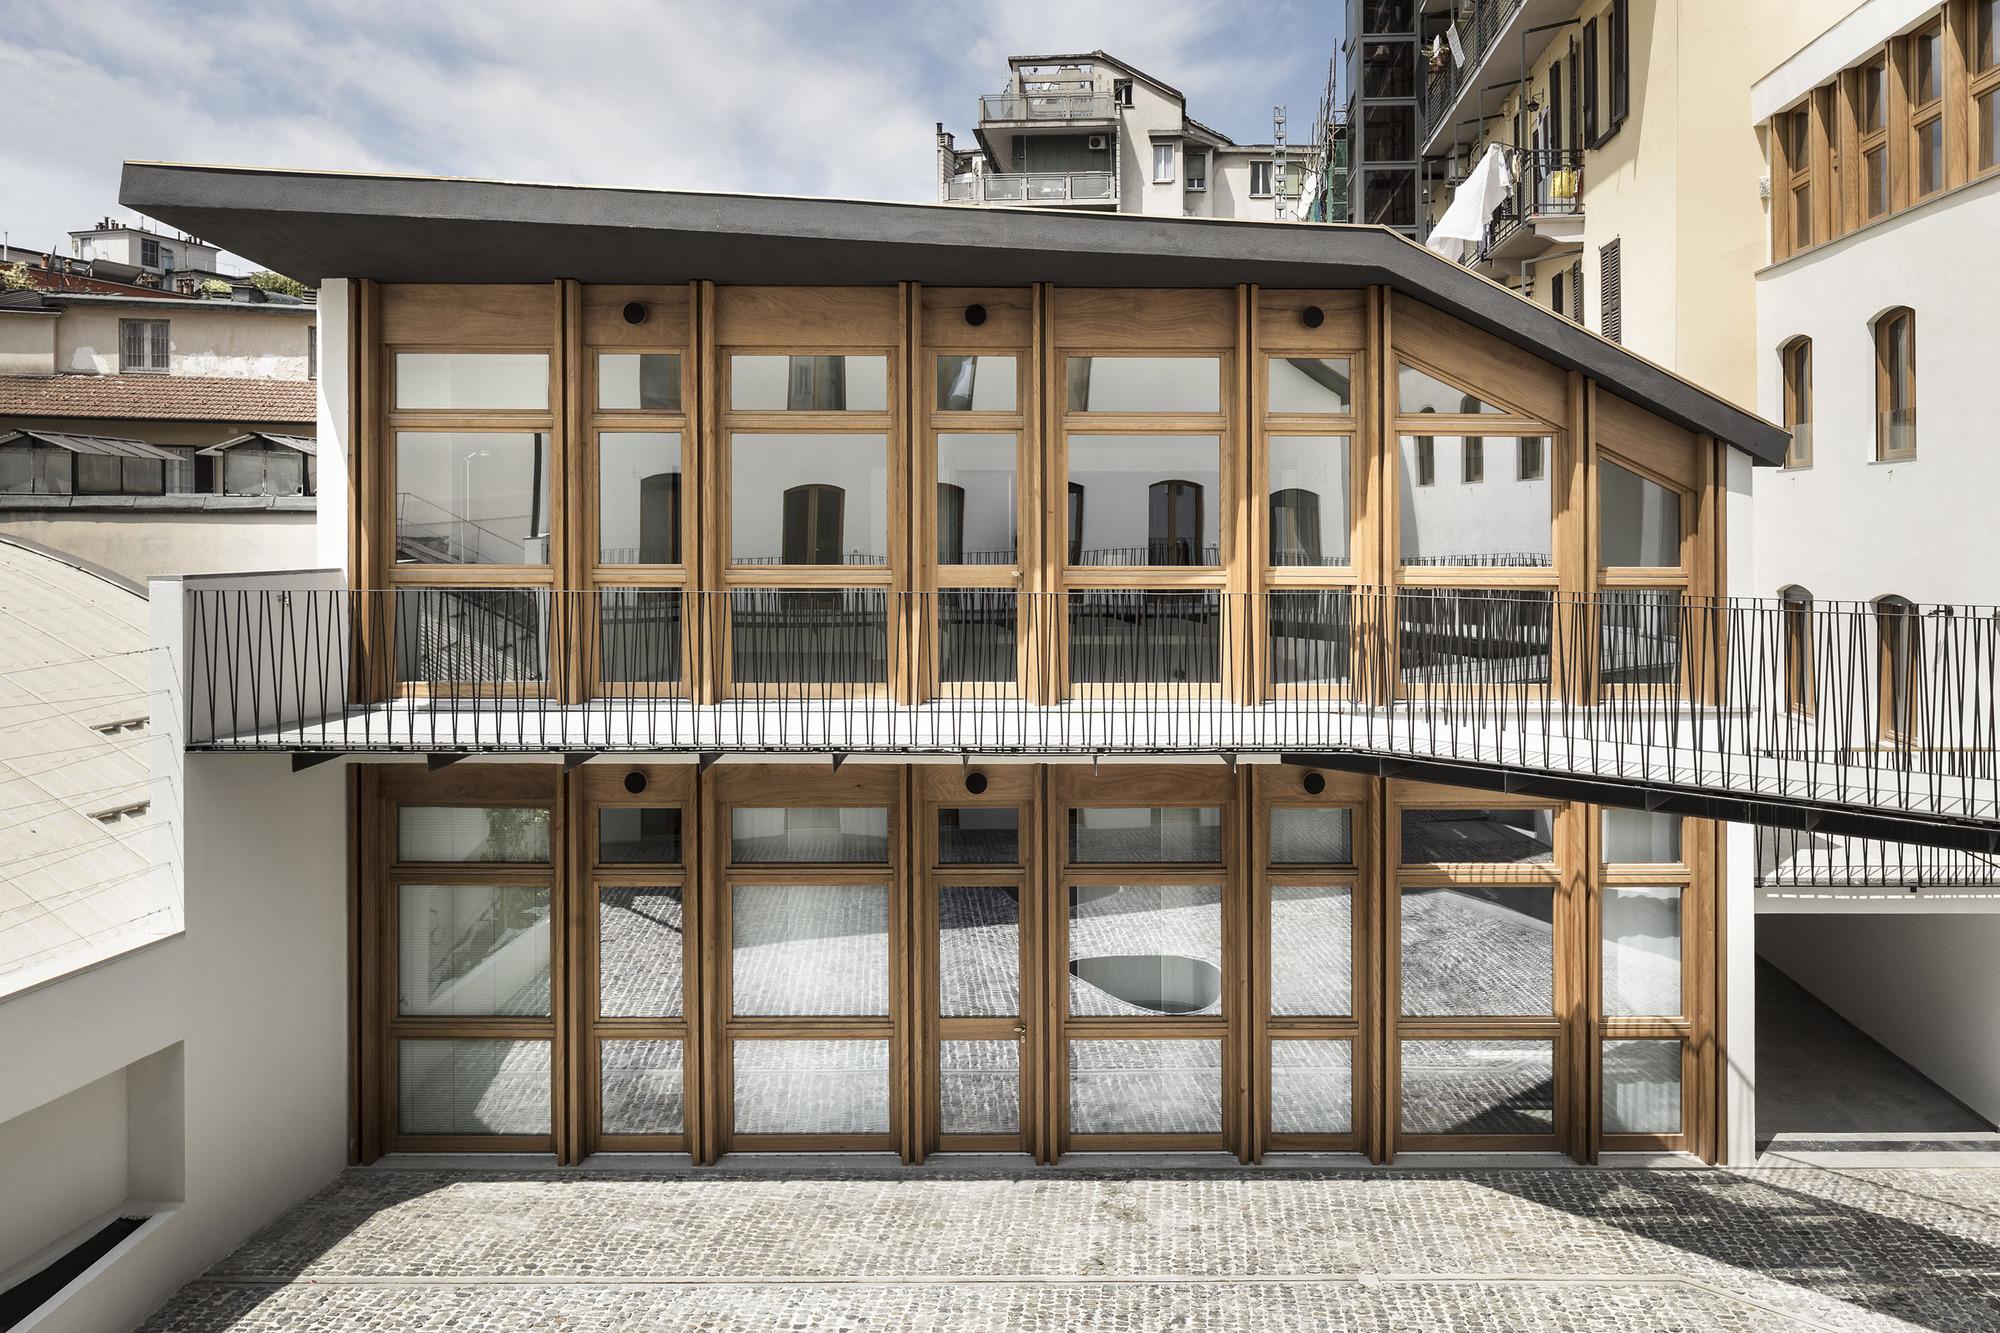 Residential Building Canonica / deamicisarchitetti